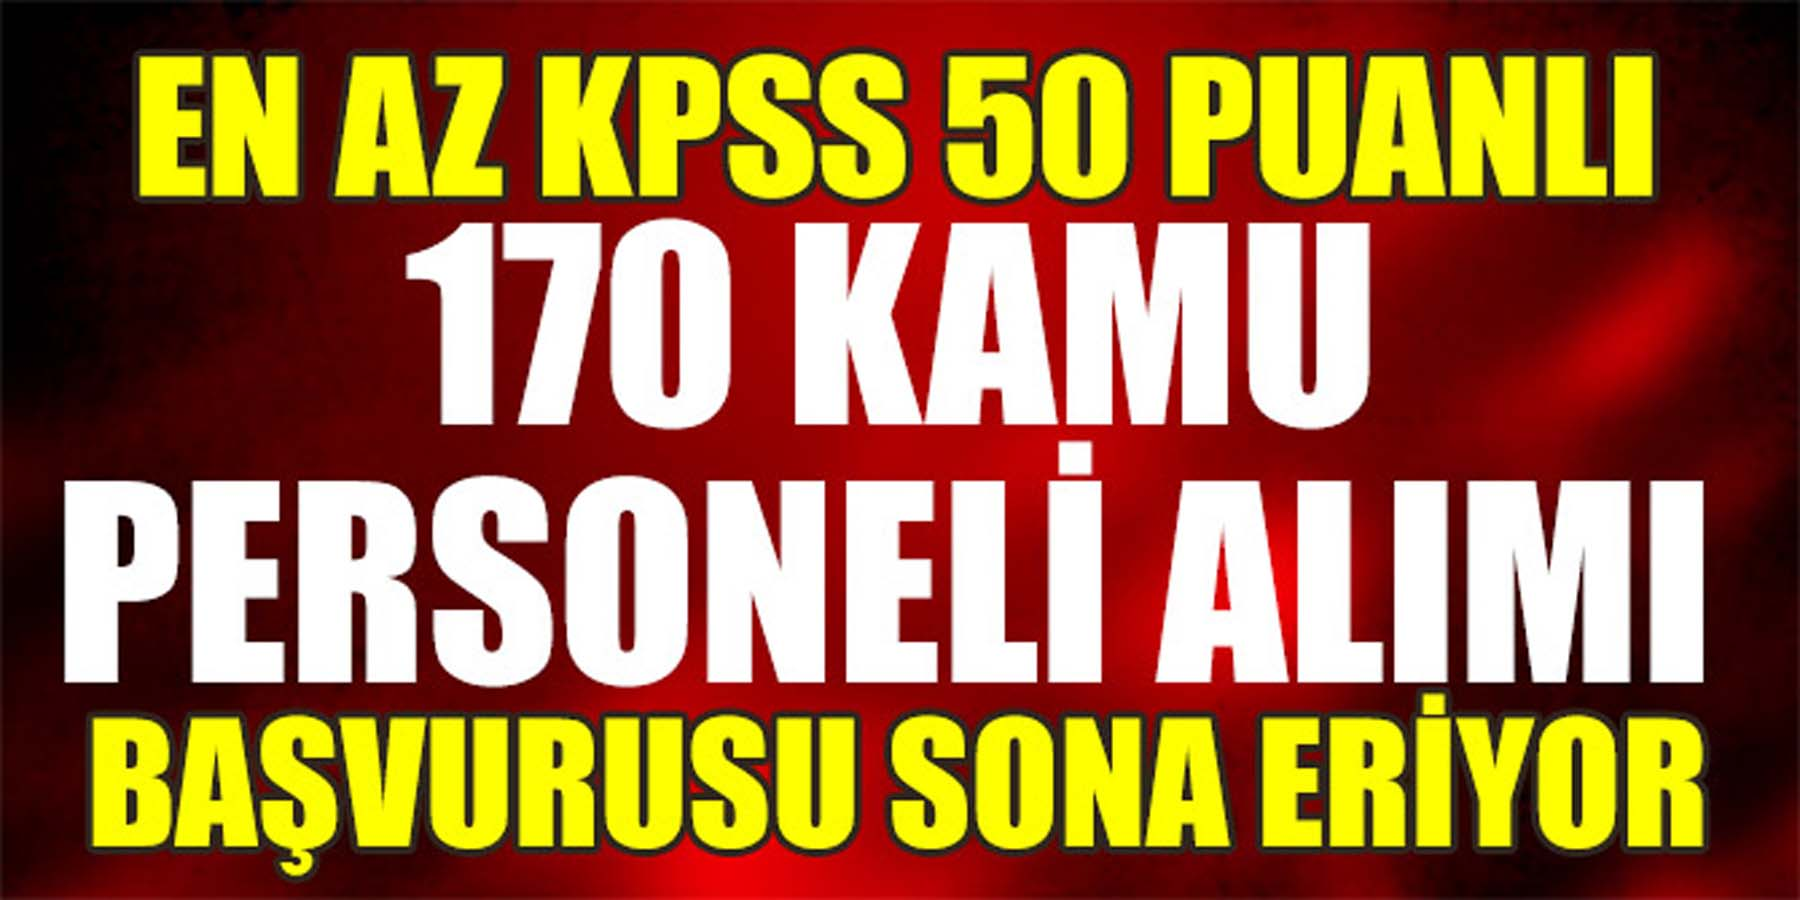 KPSS 50 Puanlı 170 Kamu Personeli Alımı Başvurusu Sona Eriyor